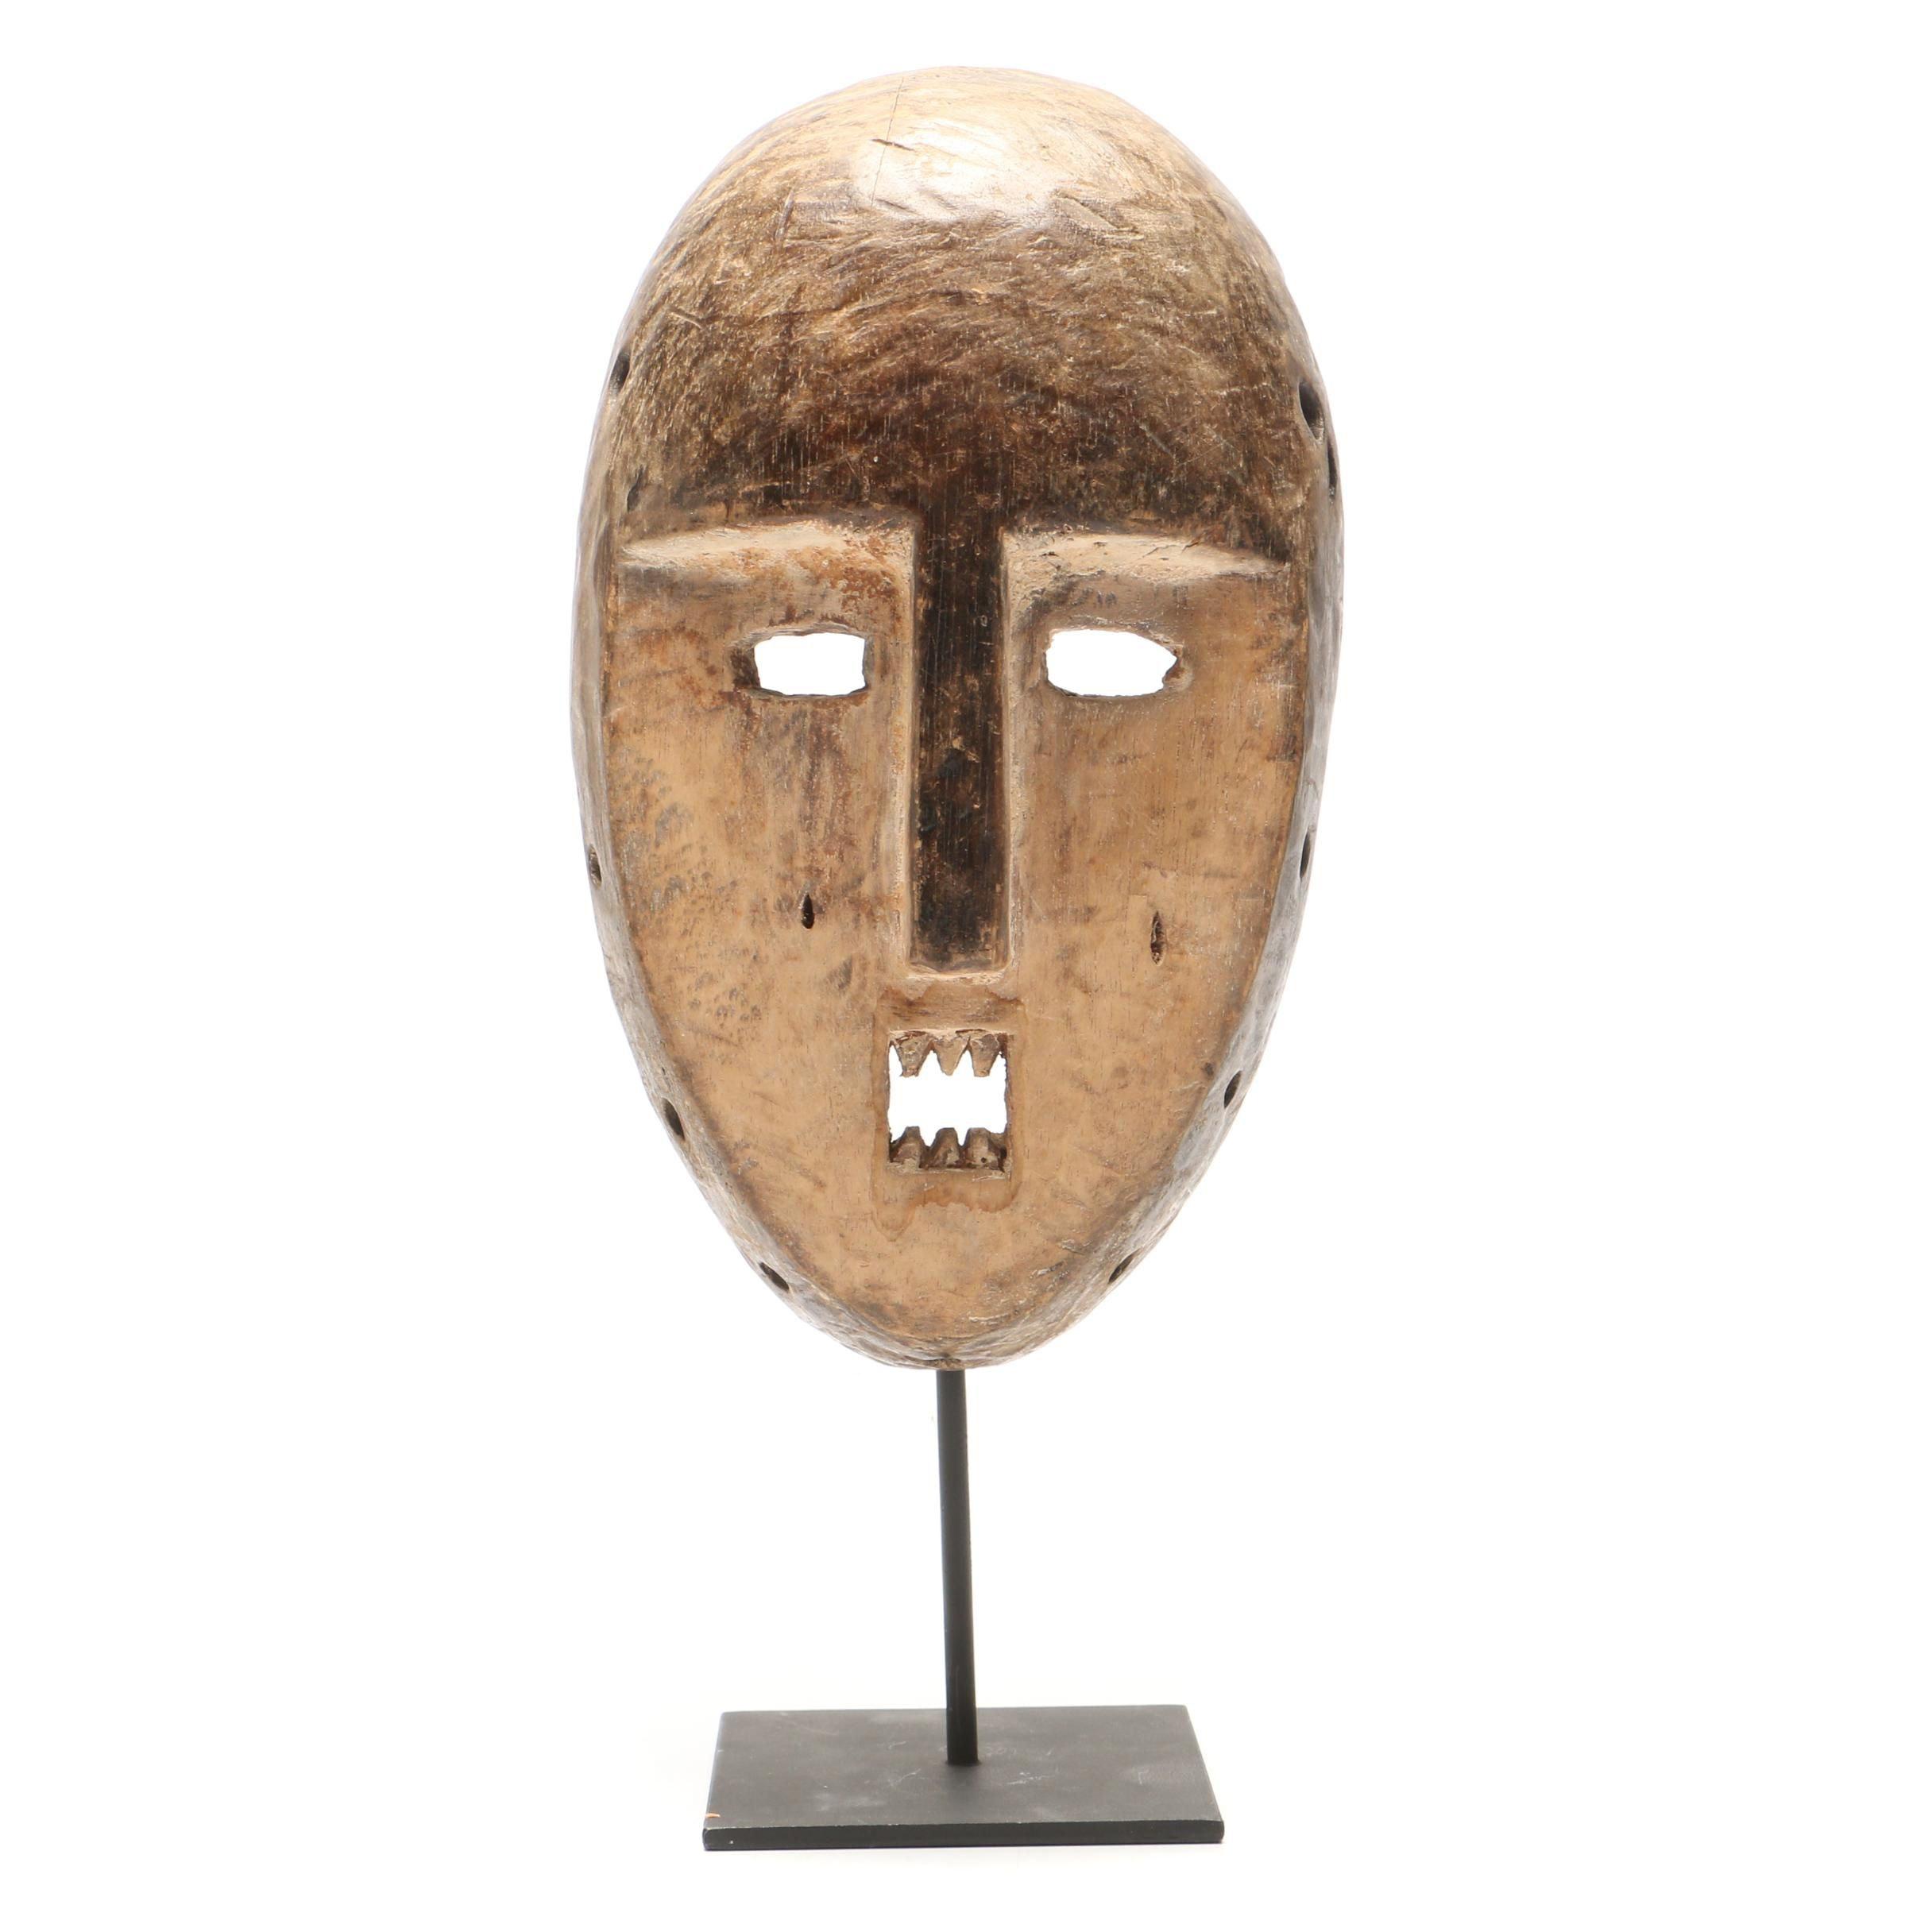 Lega/Kumu Style Carved Wood Mask